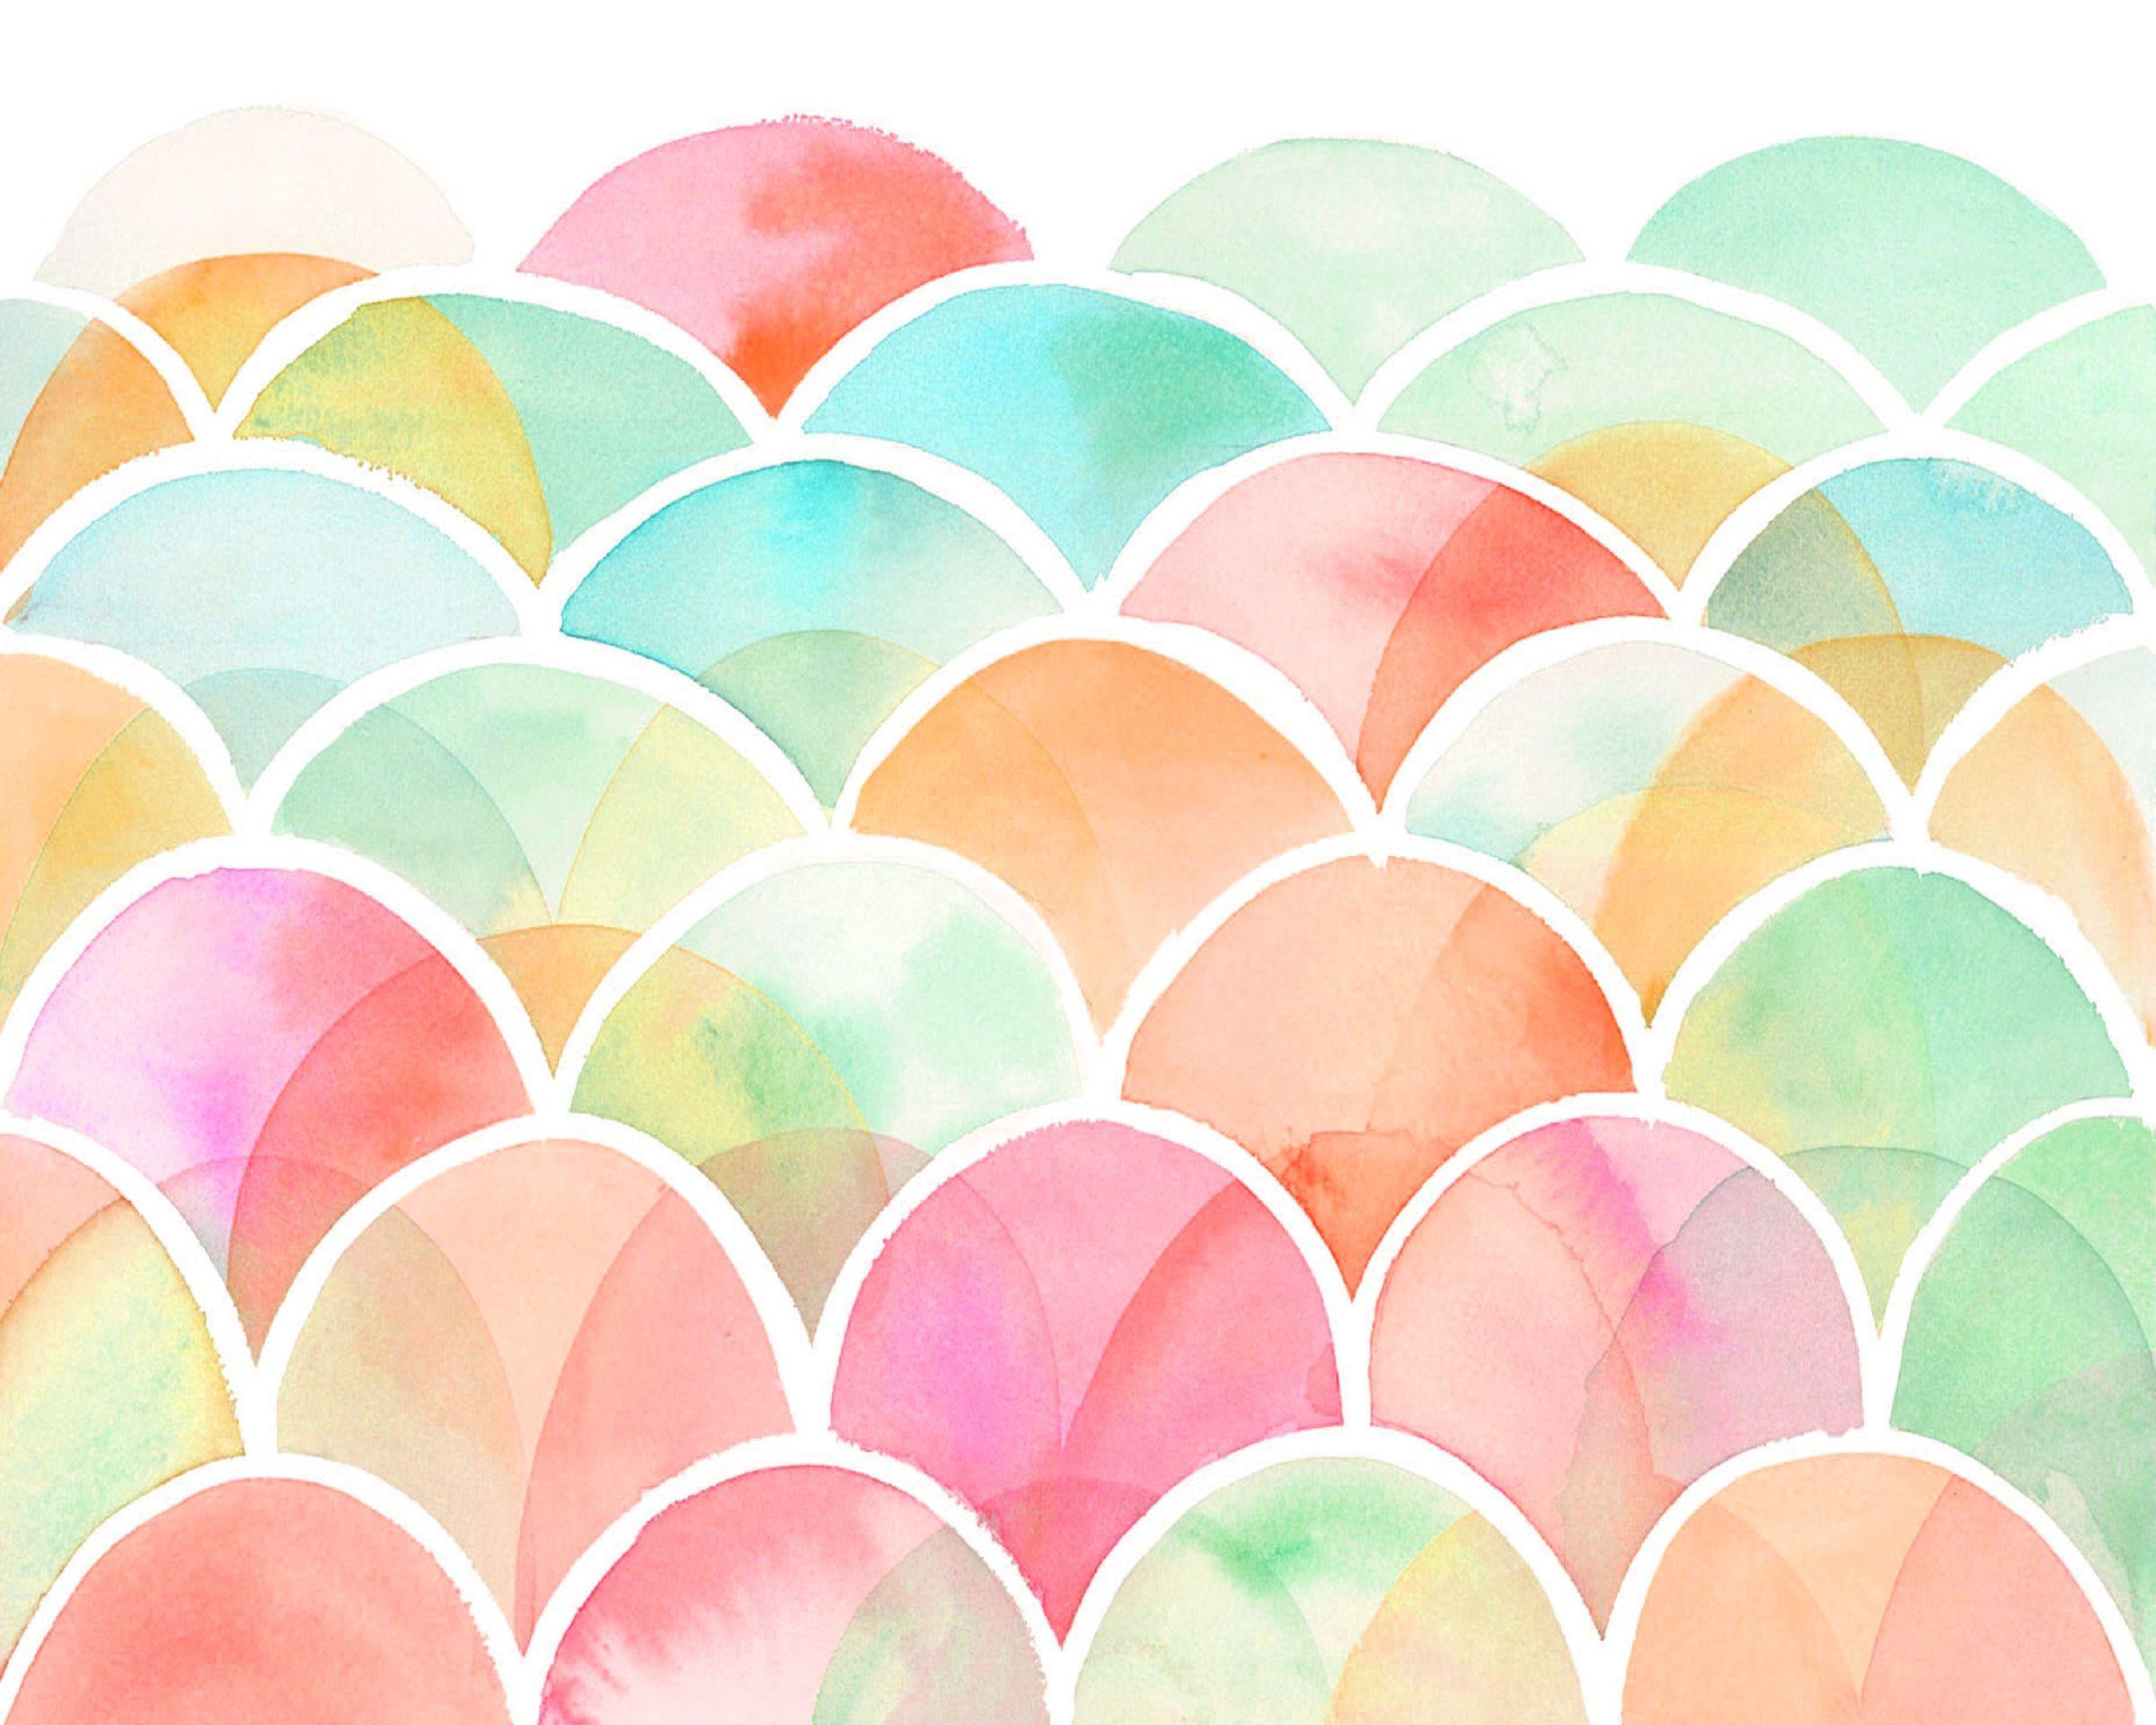 Pin By Lauren Stack On Living Room Desktop Wallpaper Summer Free Desktop Wallpaper Watercolor Wallpaper